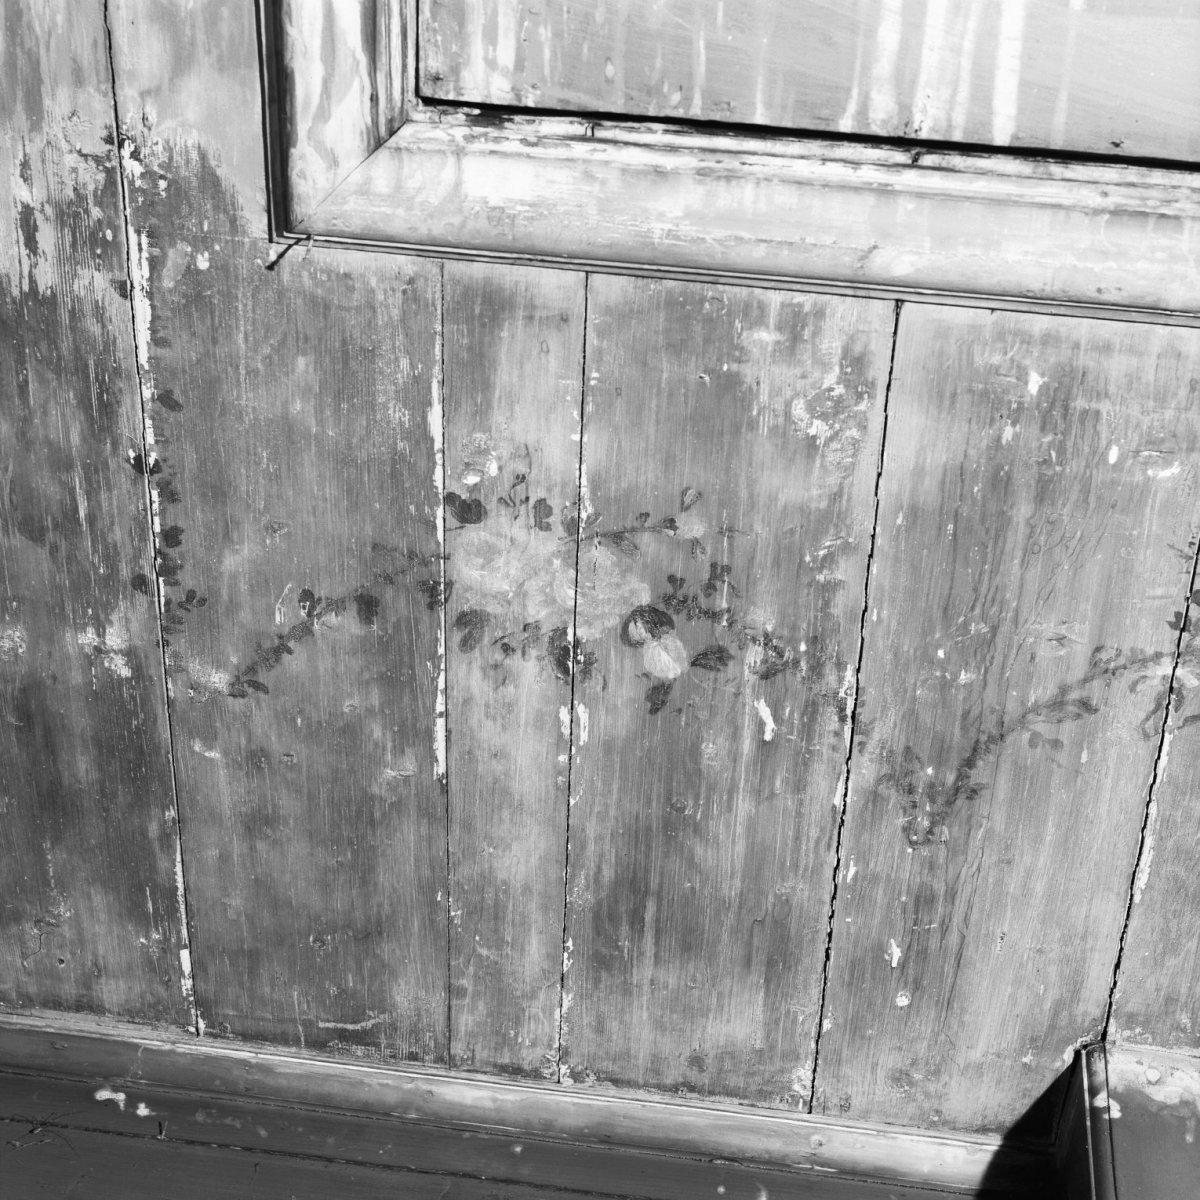 Foto Op Wand.File Interieur Schildering Op Wand Broek In Waterland